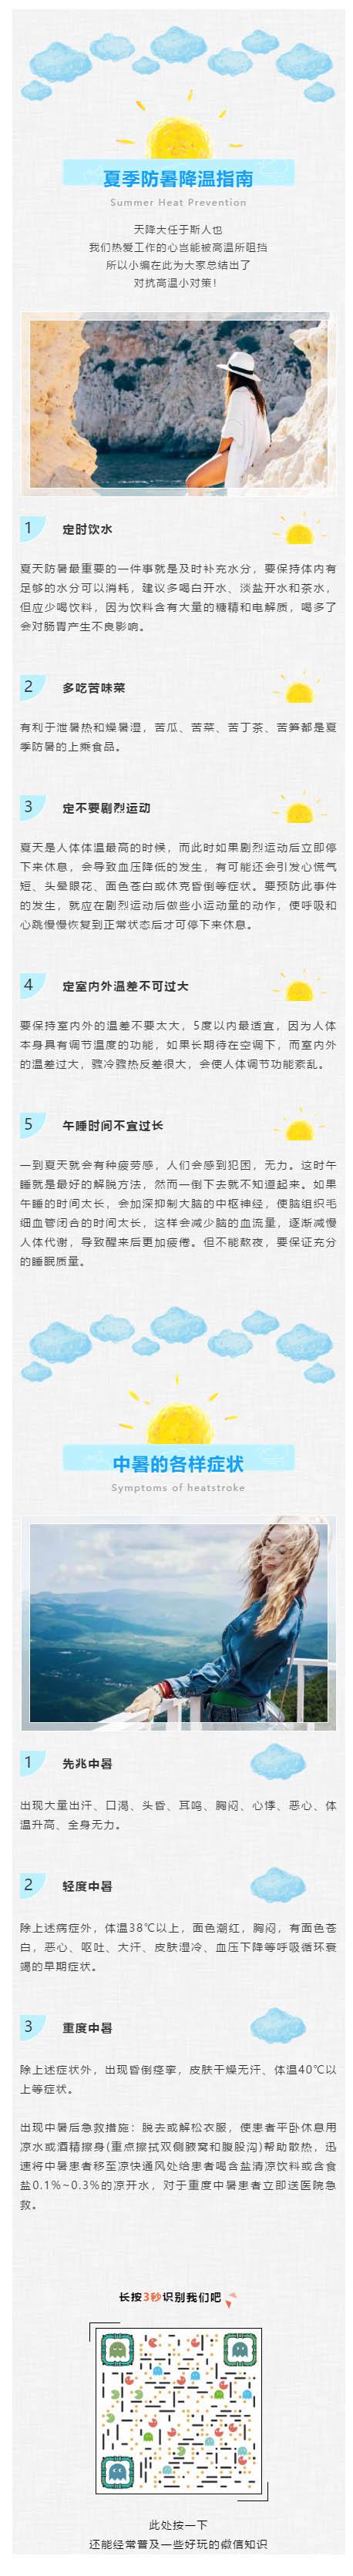 夏季防暑降温指南预防儿童可爱动态背景模板微信素材推文